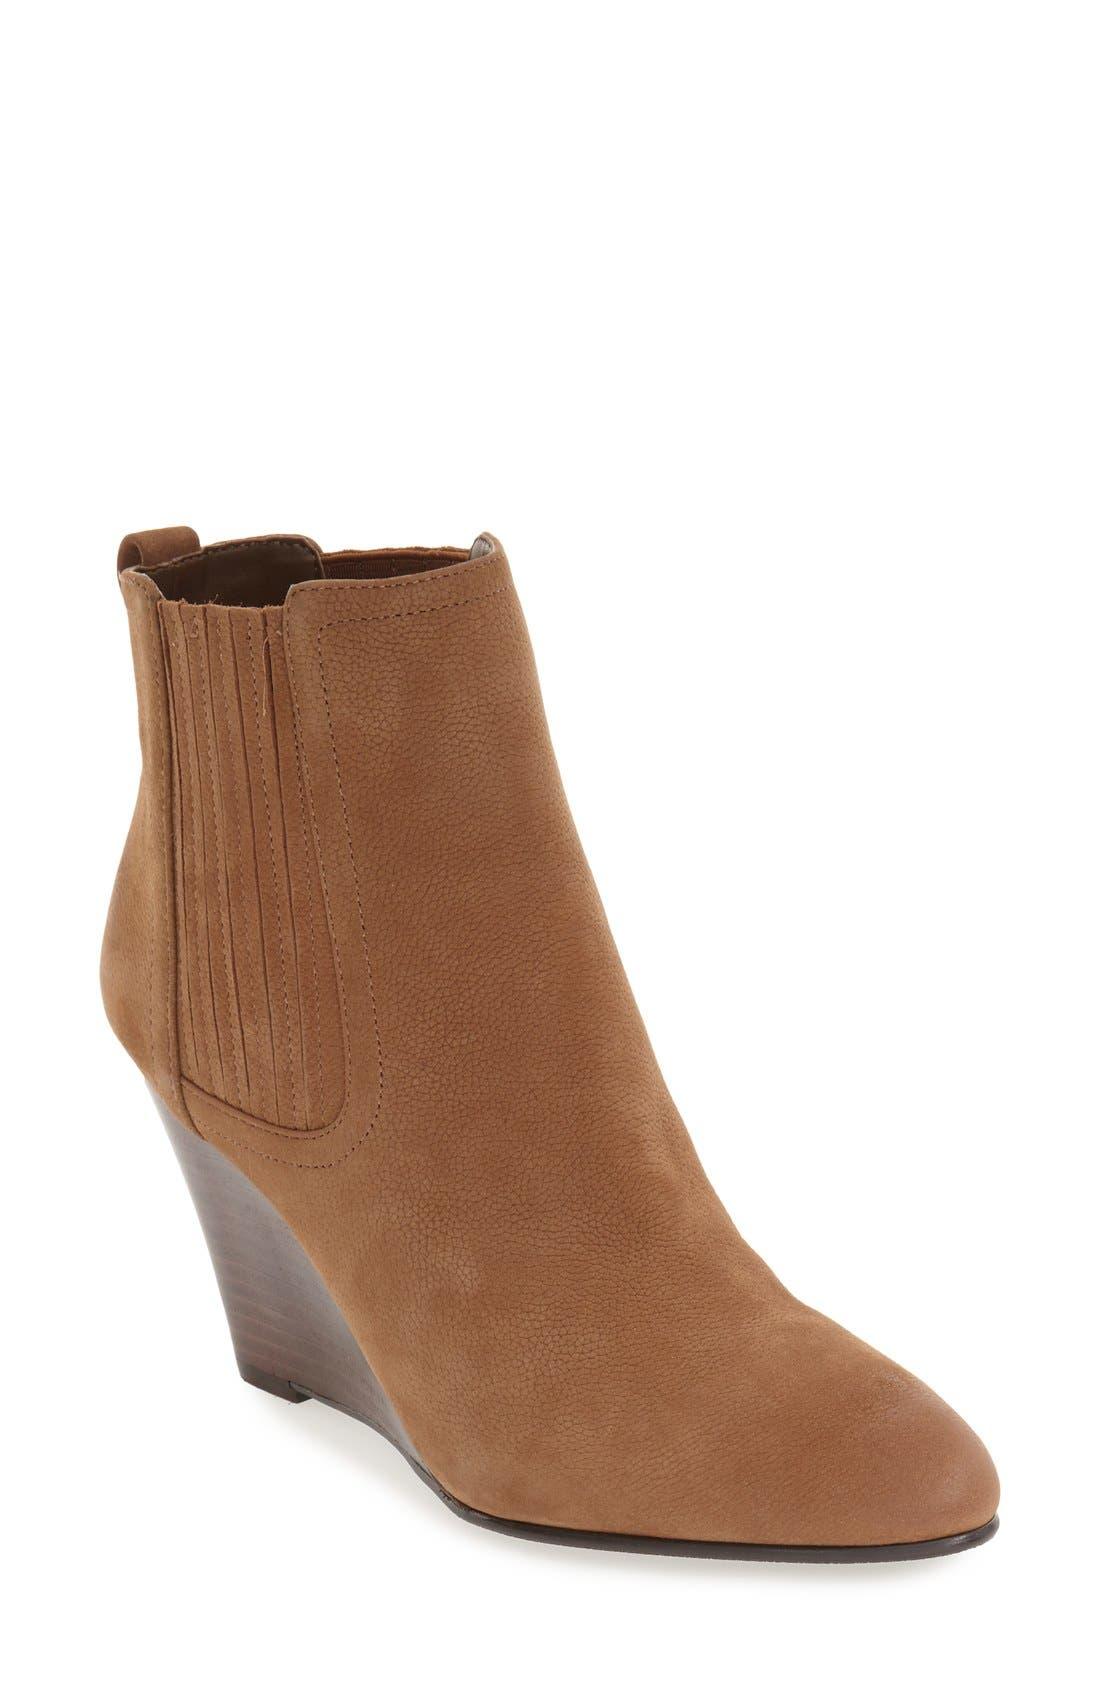 Alternate Image 1 Selected - Sam Edelman 'Gillian' Boot (Women)